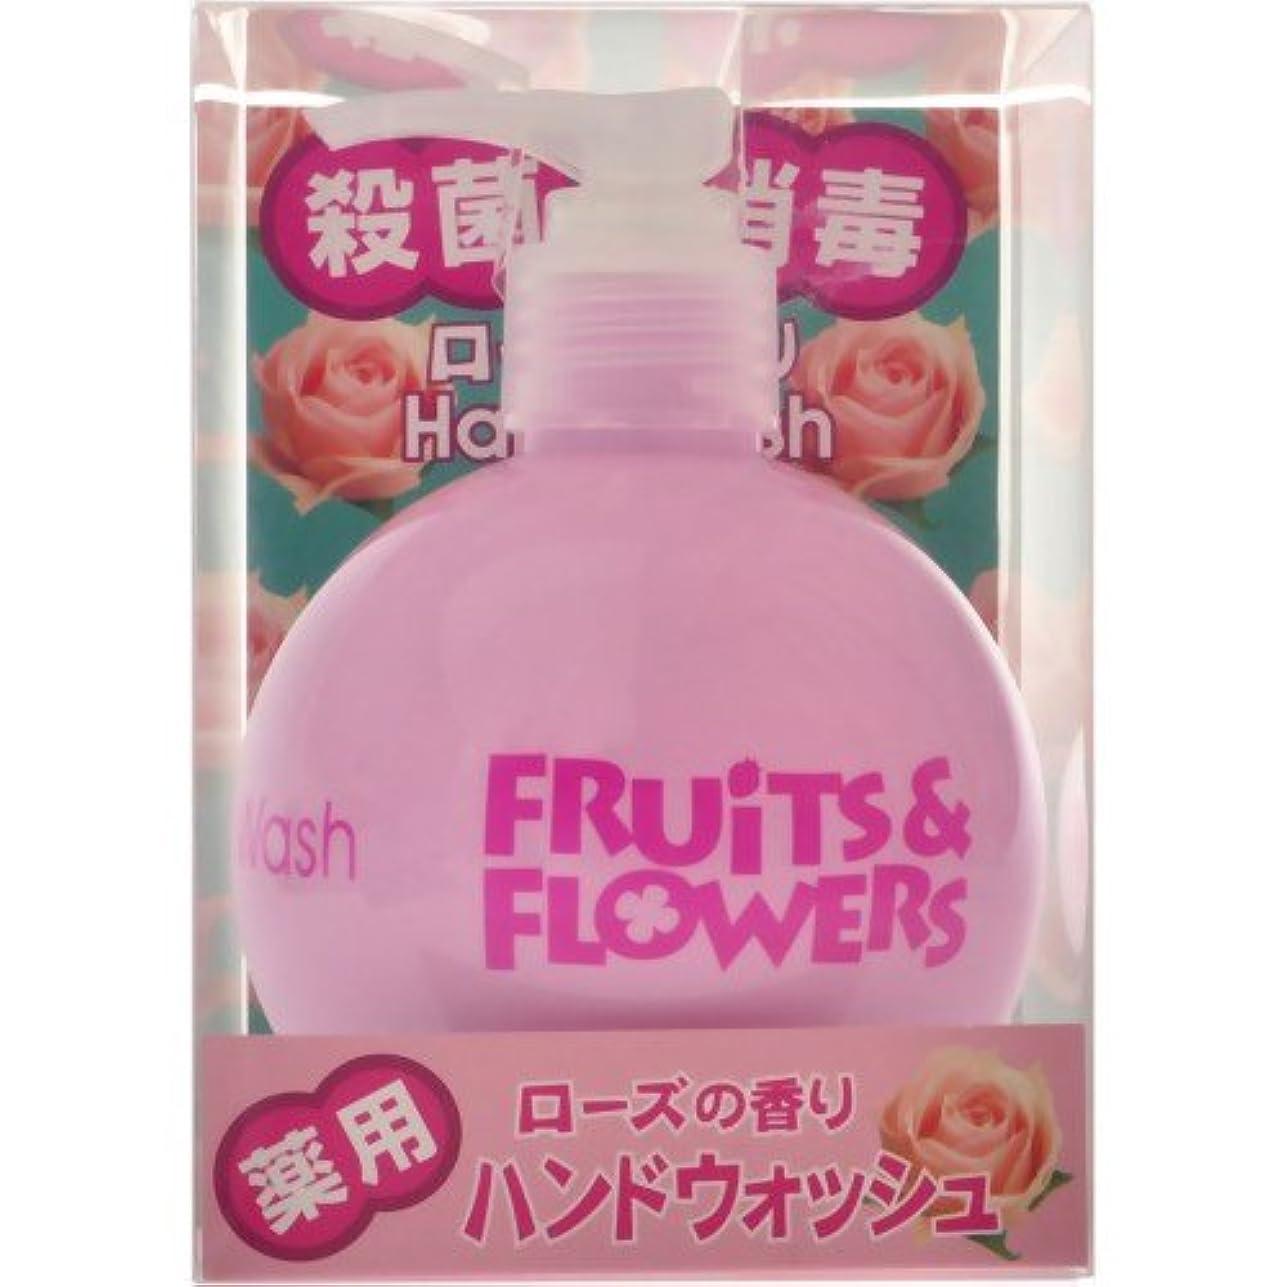 シリングリボンすべきフルーツ&フラワー ハンドウォッシュ ローズの香り